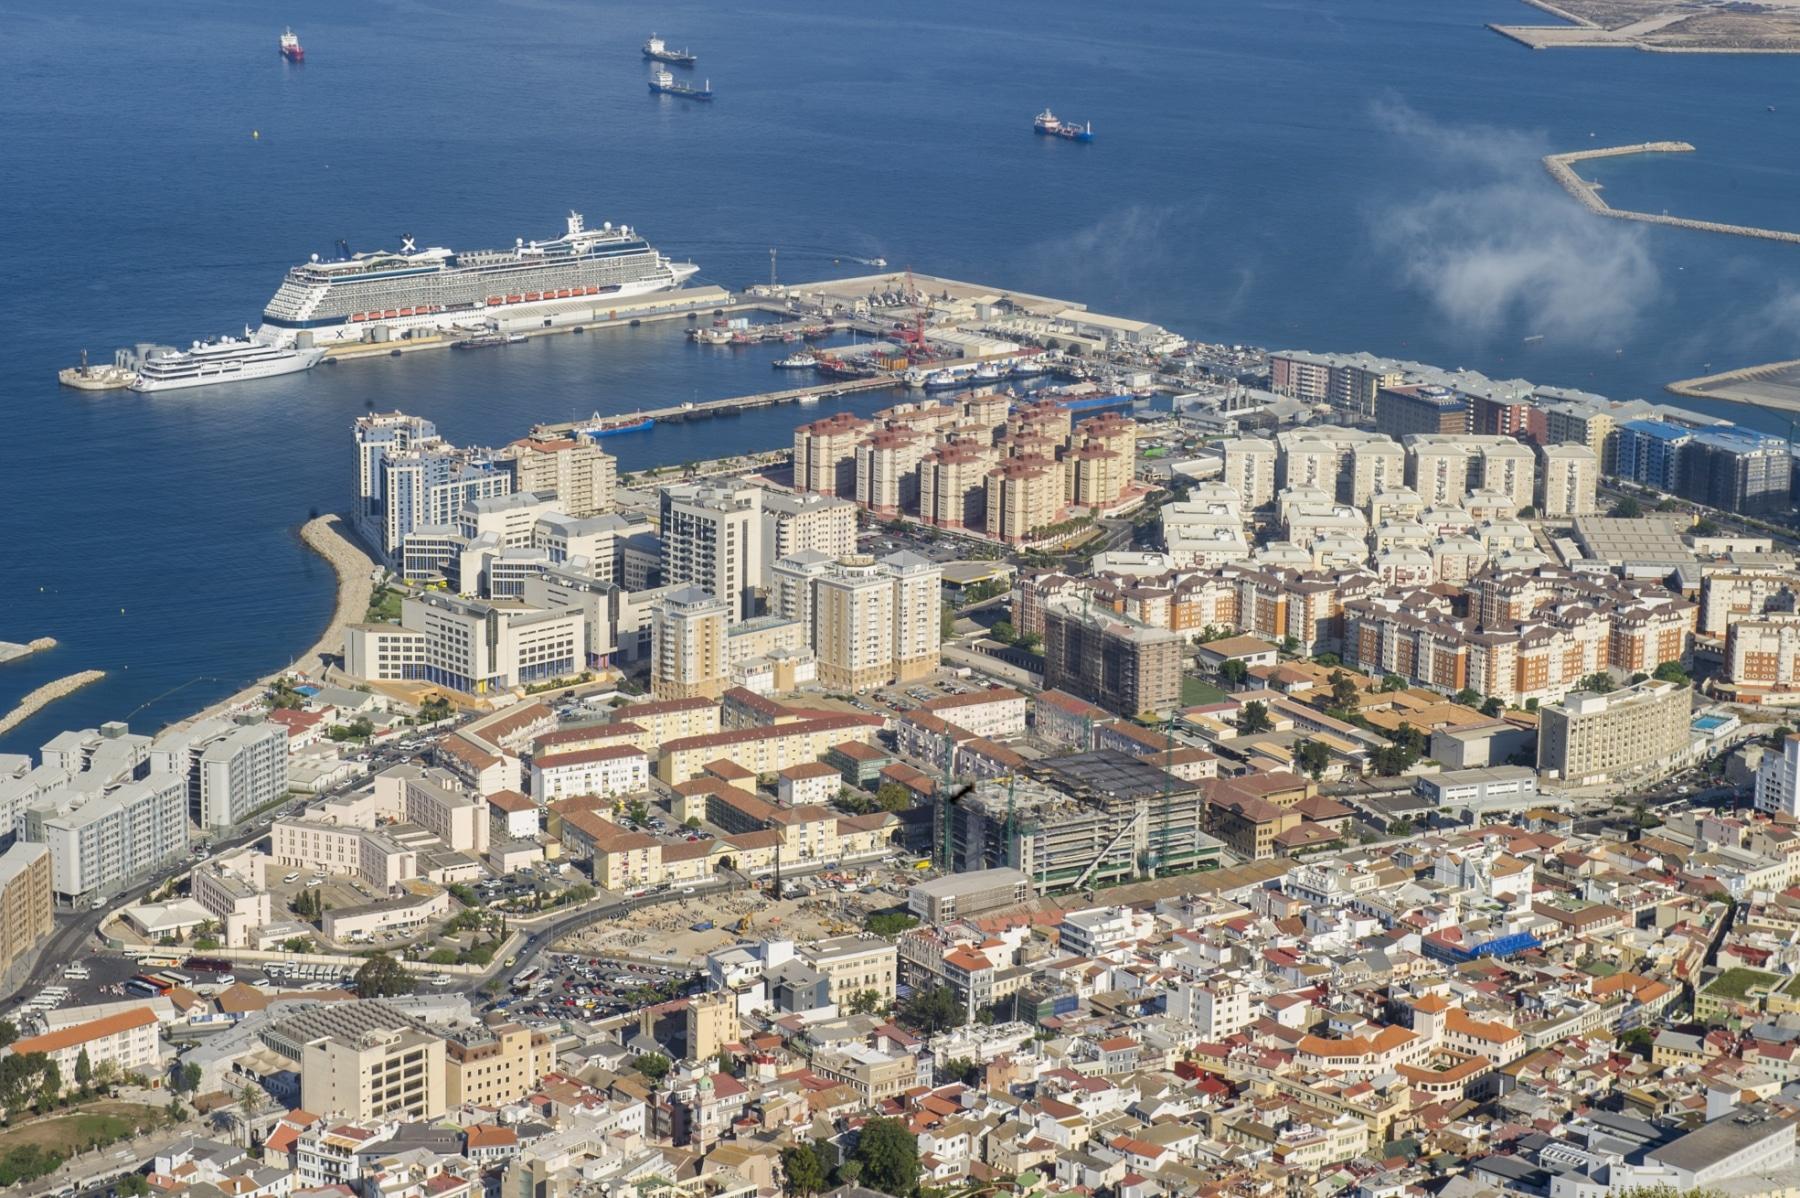 la-ciudad-de-gibraltar-al-fondo-el-moderno-desarrollo-de-ocean-village-y-un-crucero-anclado-en-el-puerto_22739324065_o